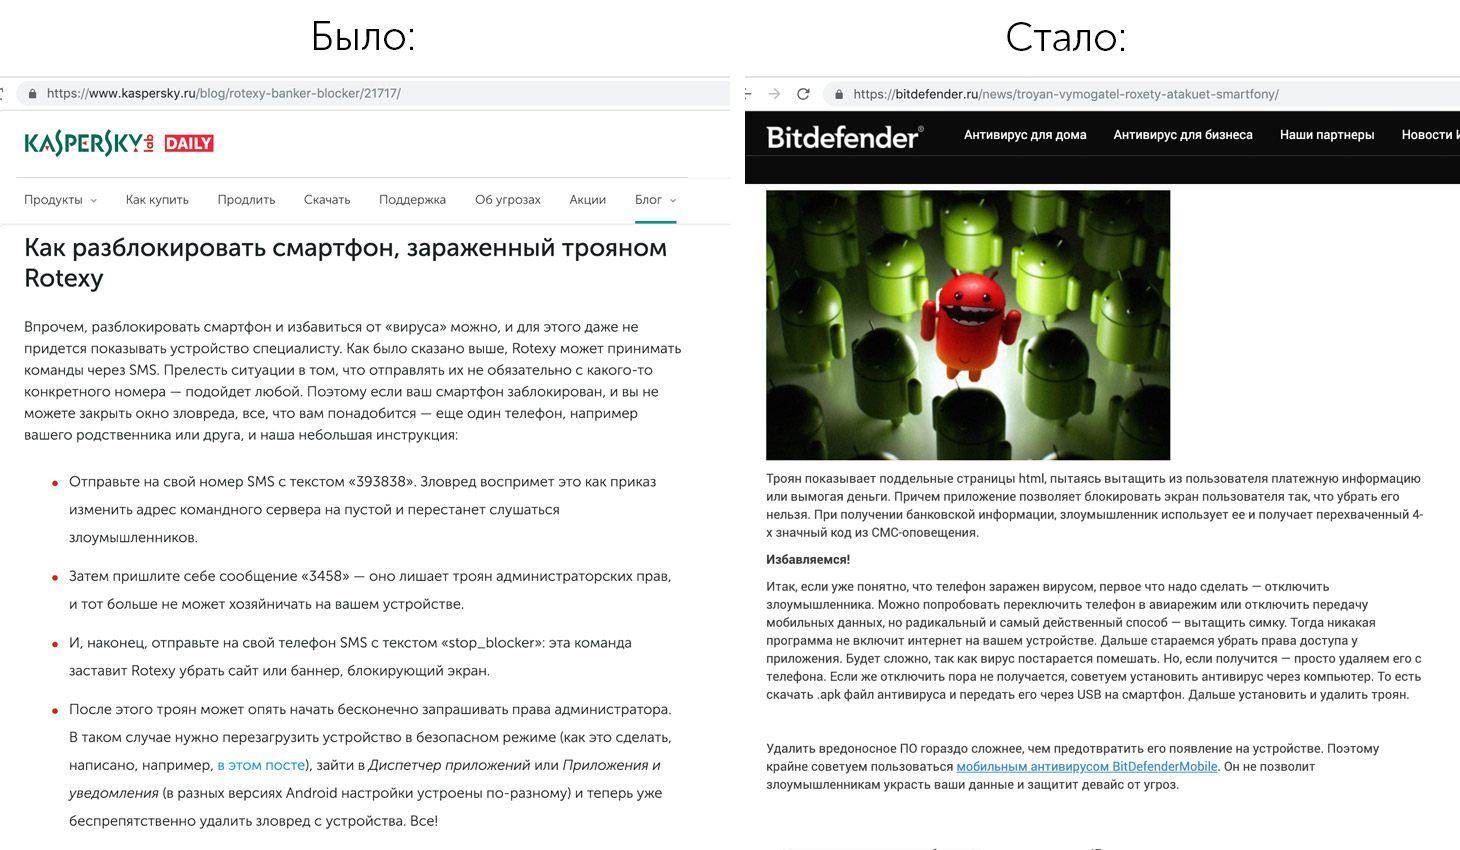 """Пост про зловред Rotexy: было у """"Лаборатории Касперского"""", стало у BitDefender"""